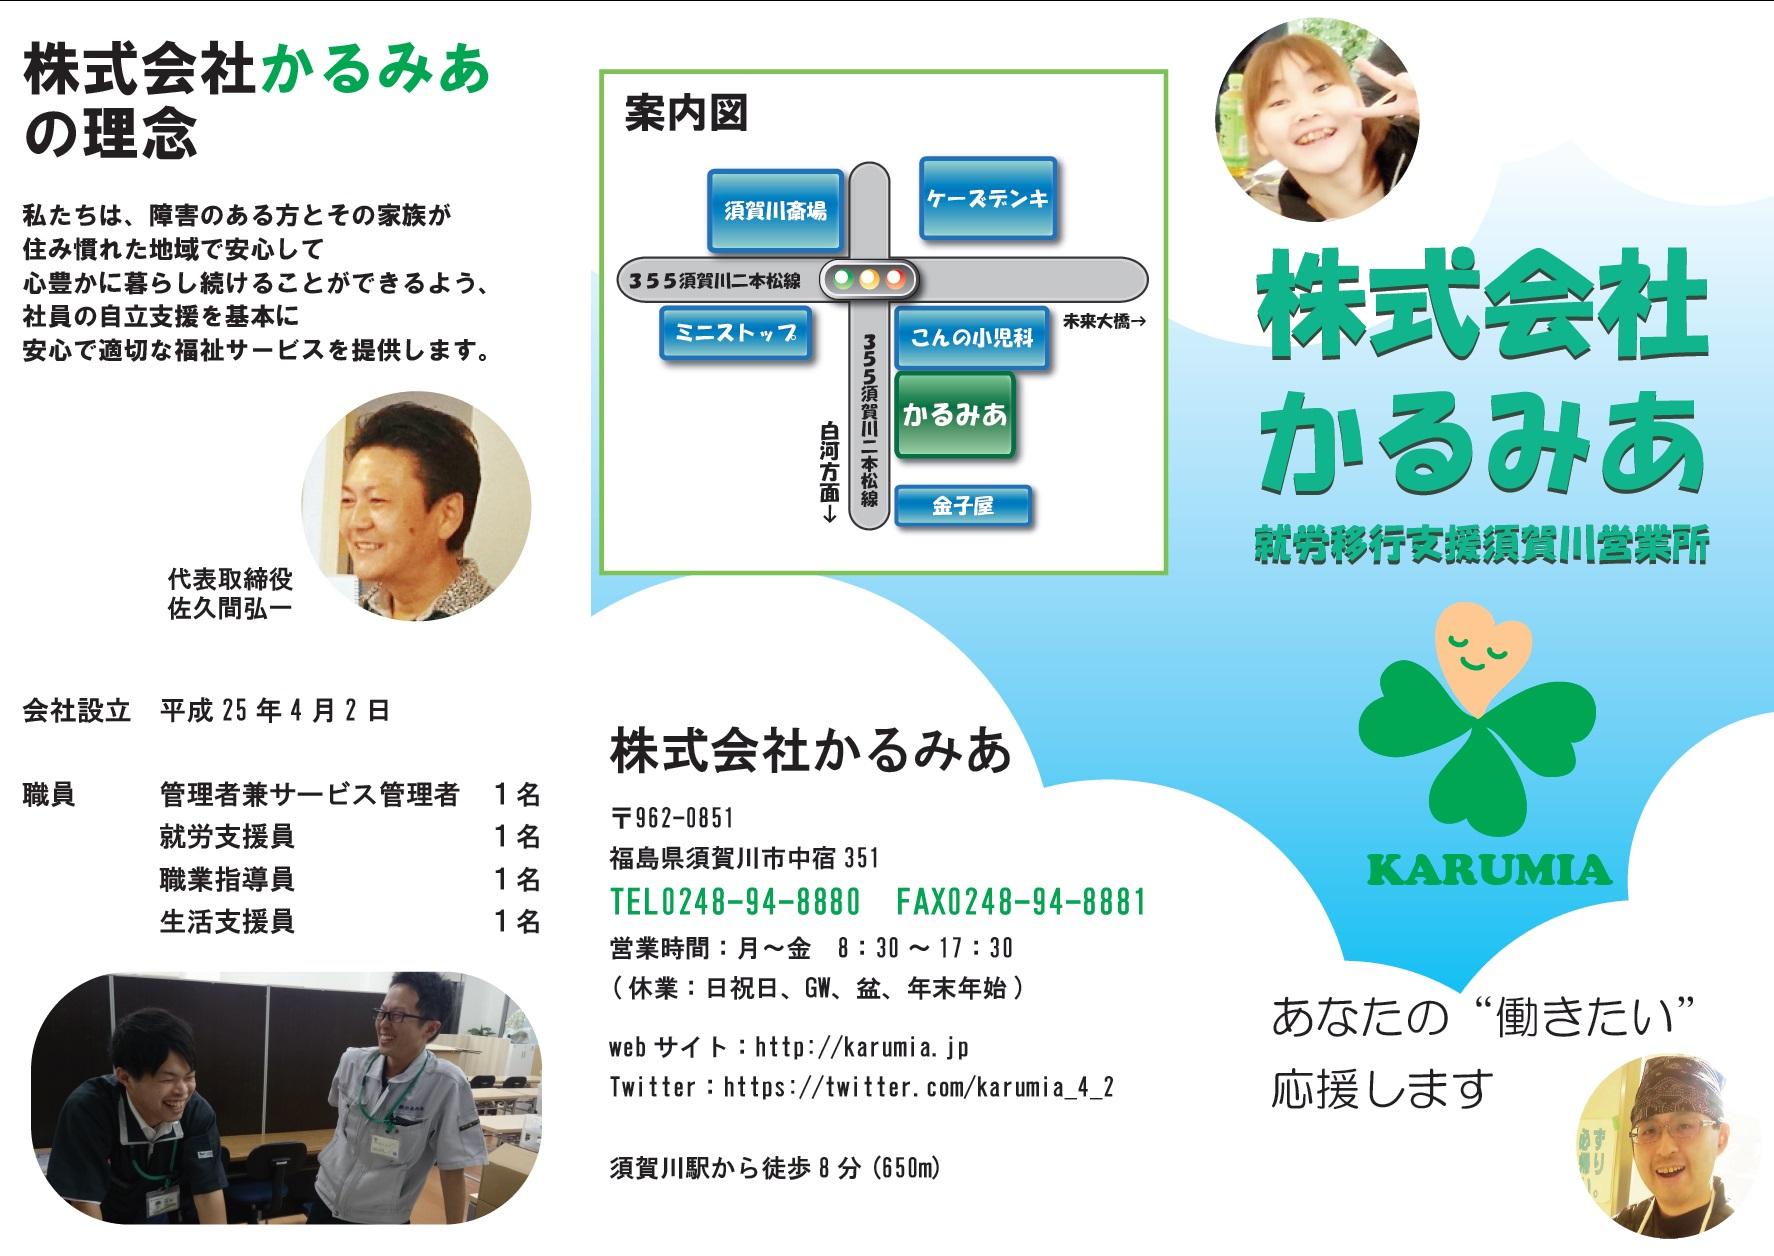 karumia_sukagawa_01